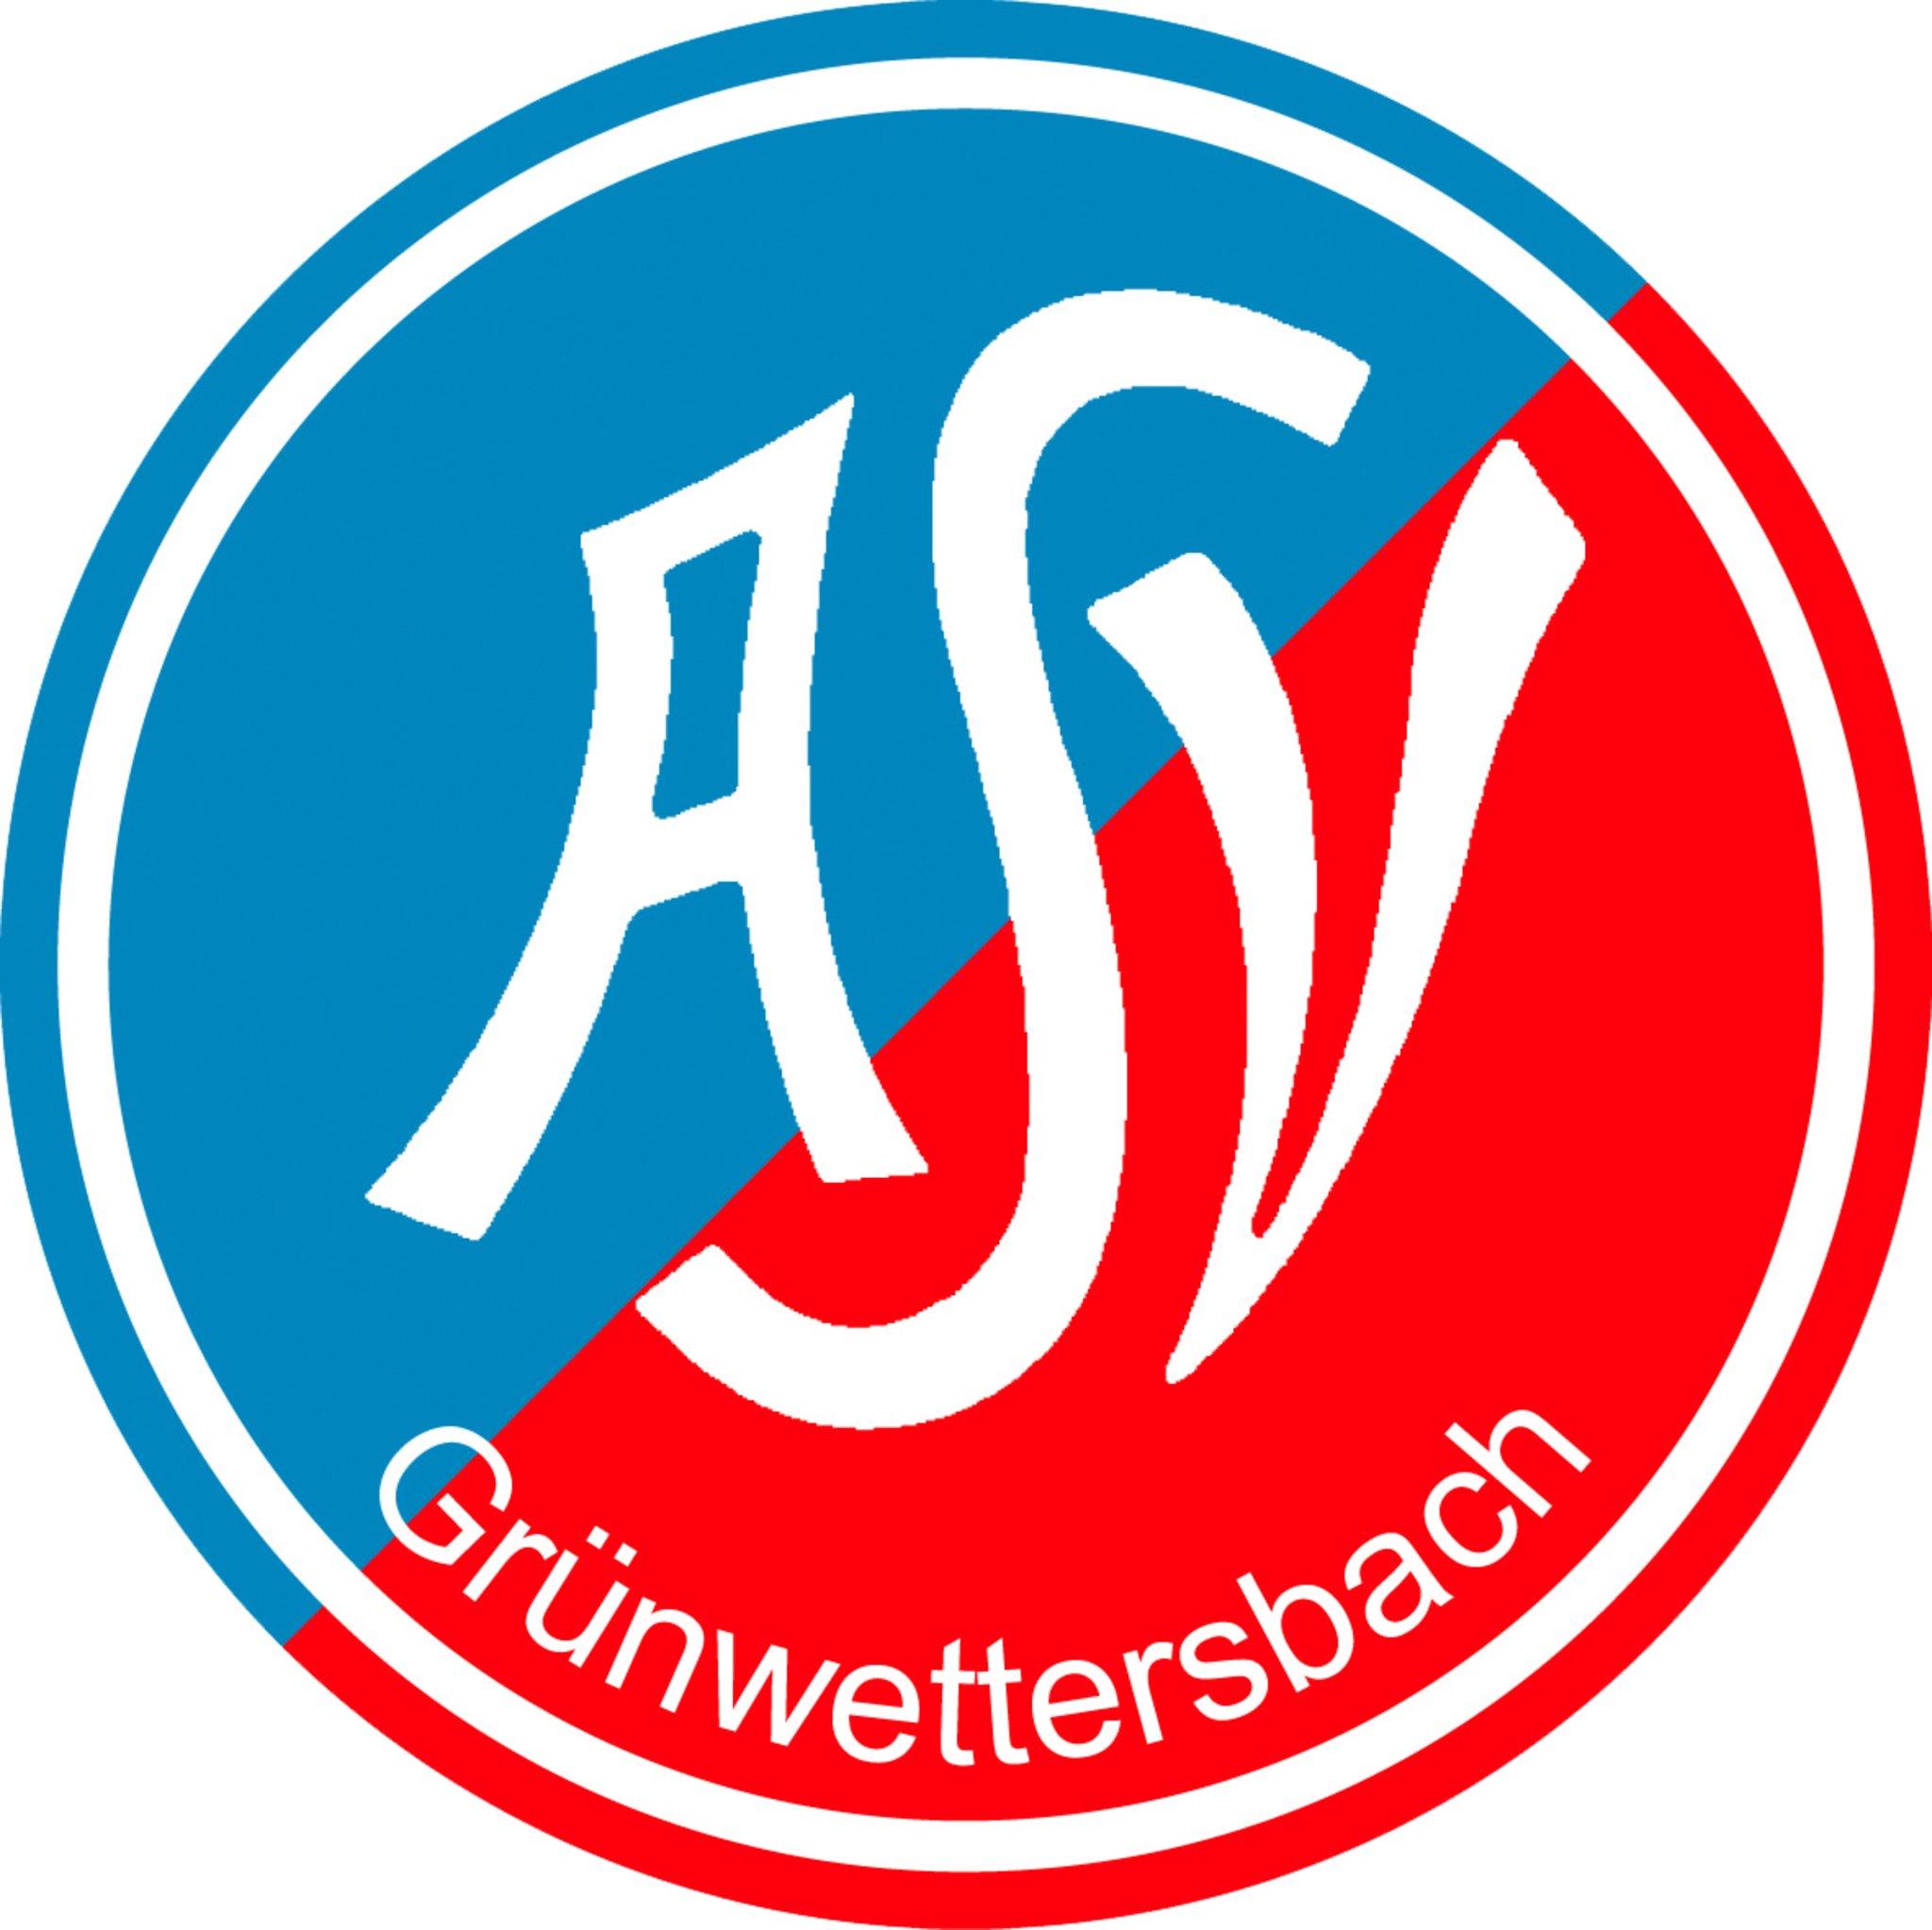 Grünwettersbach Tischtennis